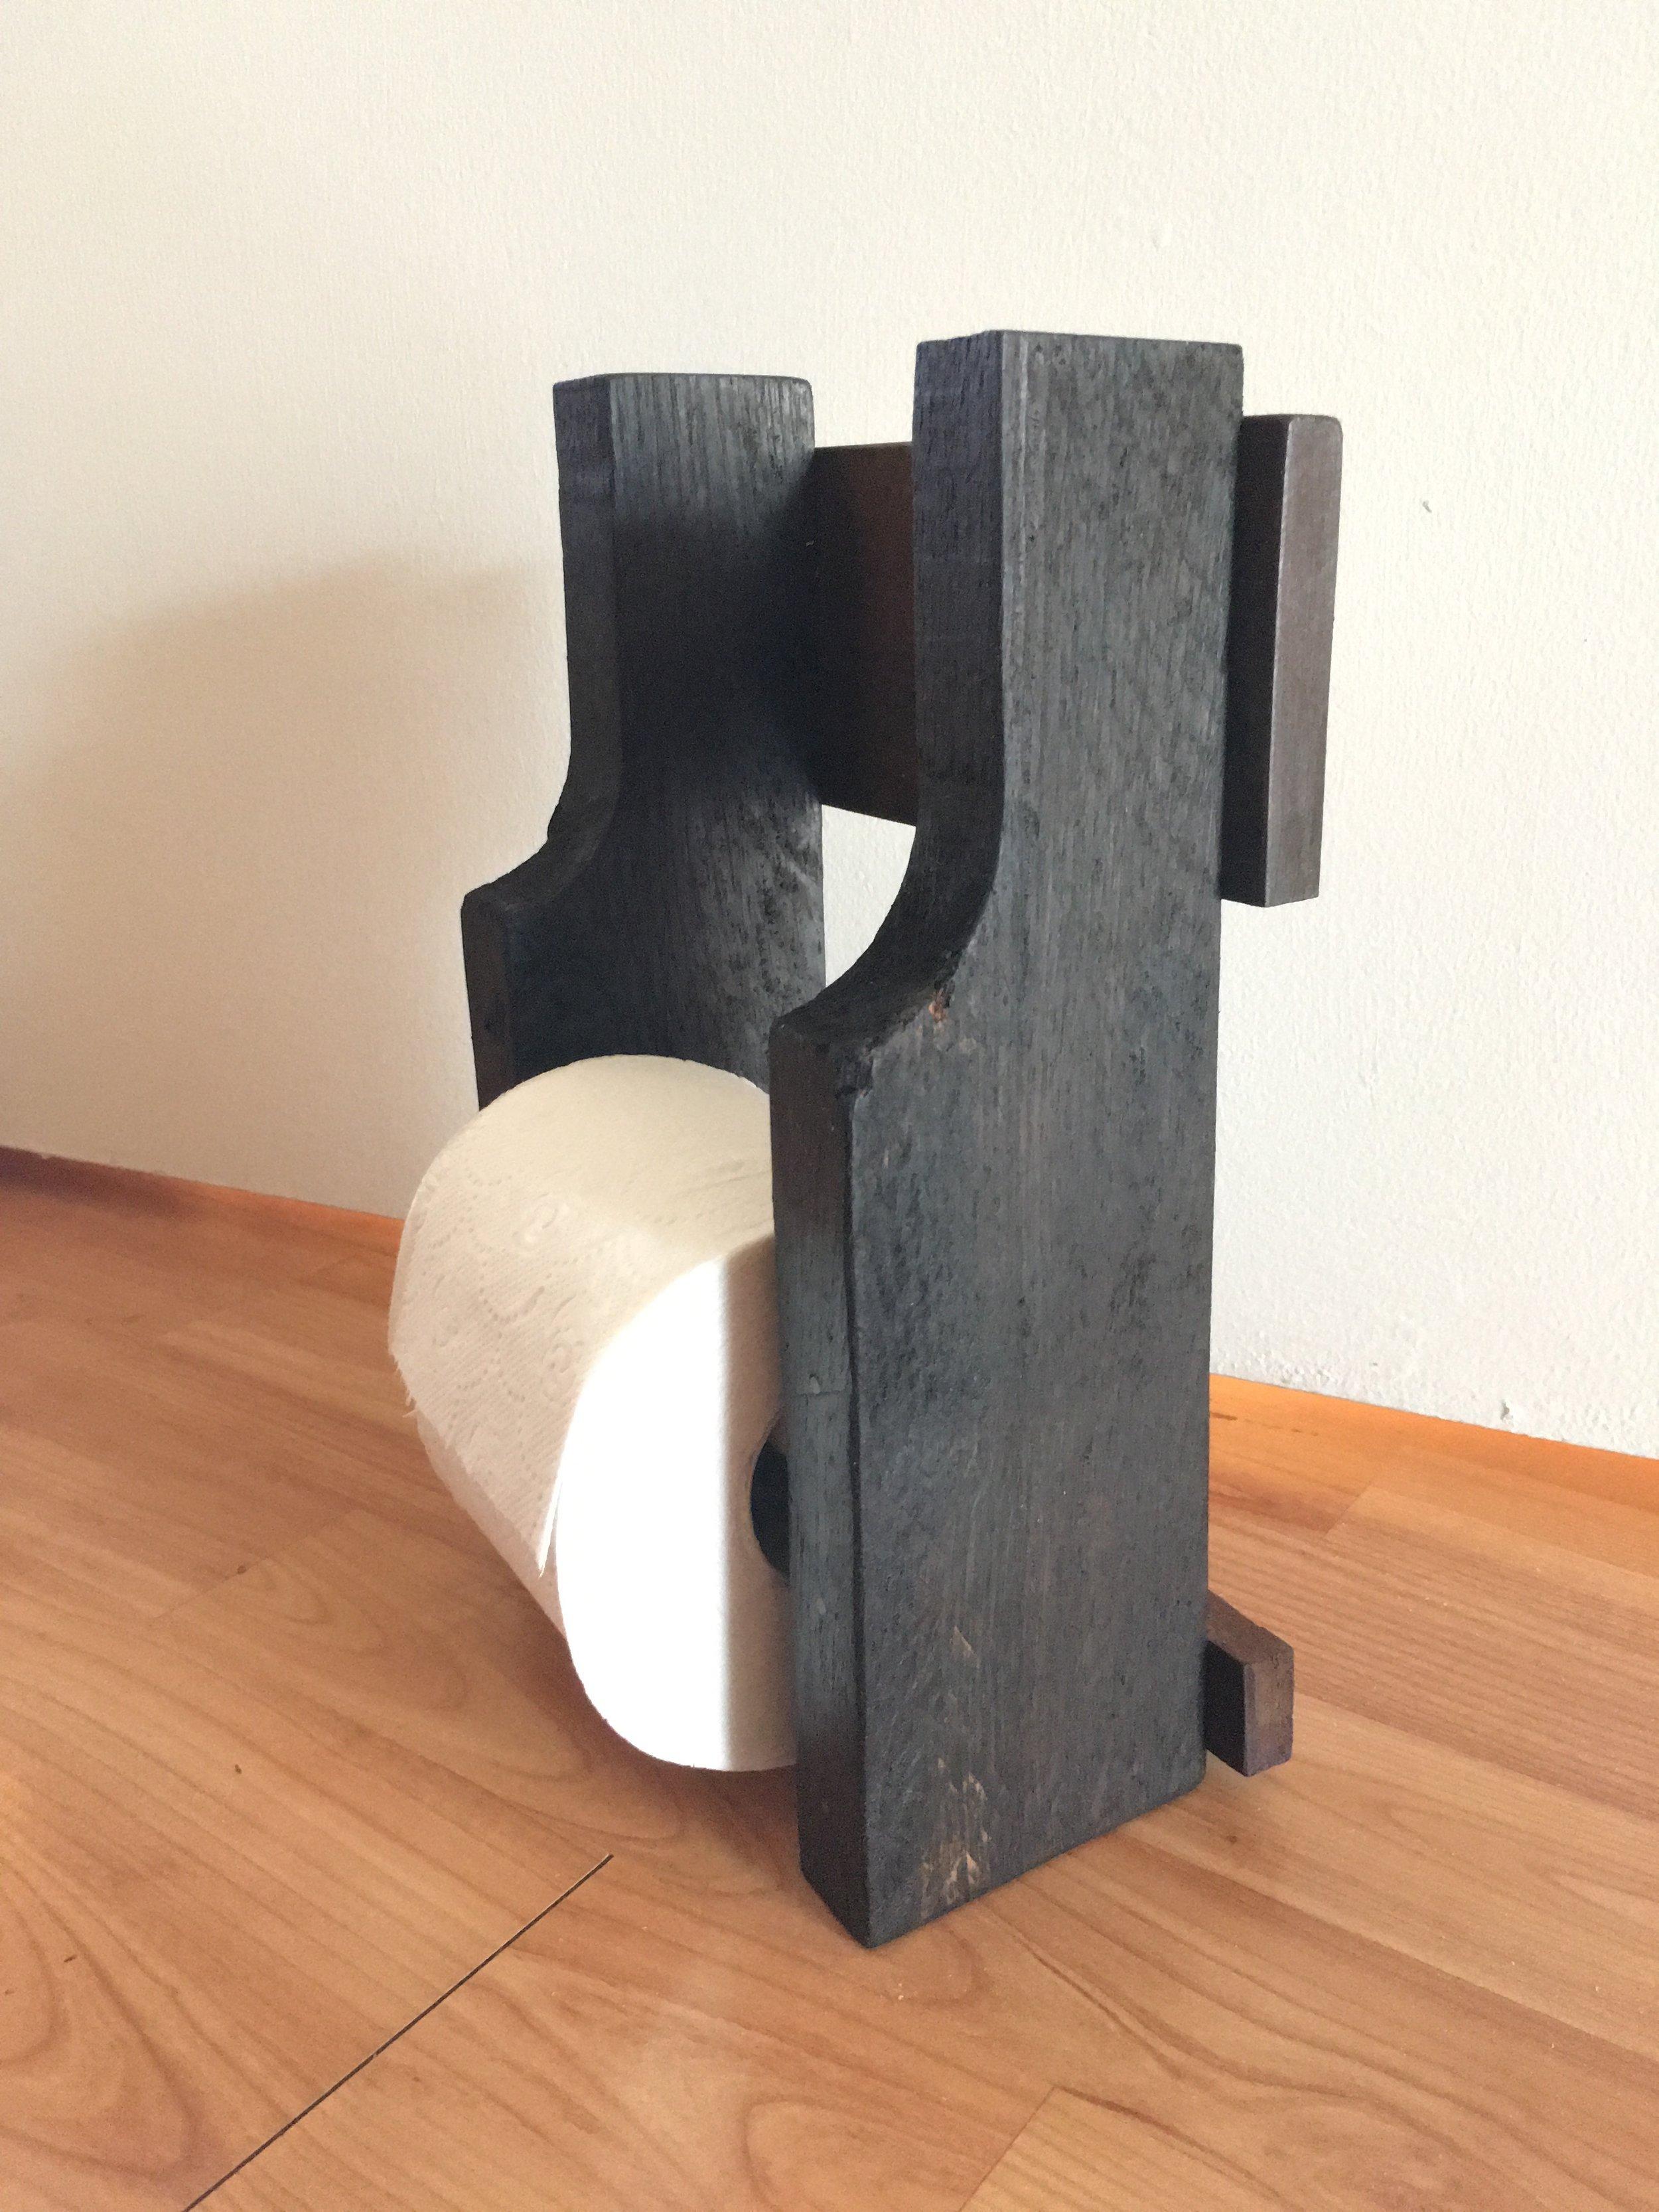 Toilet Paper holder - $20